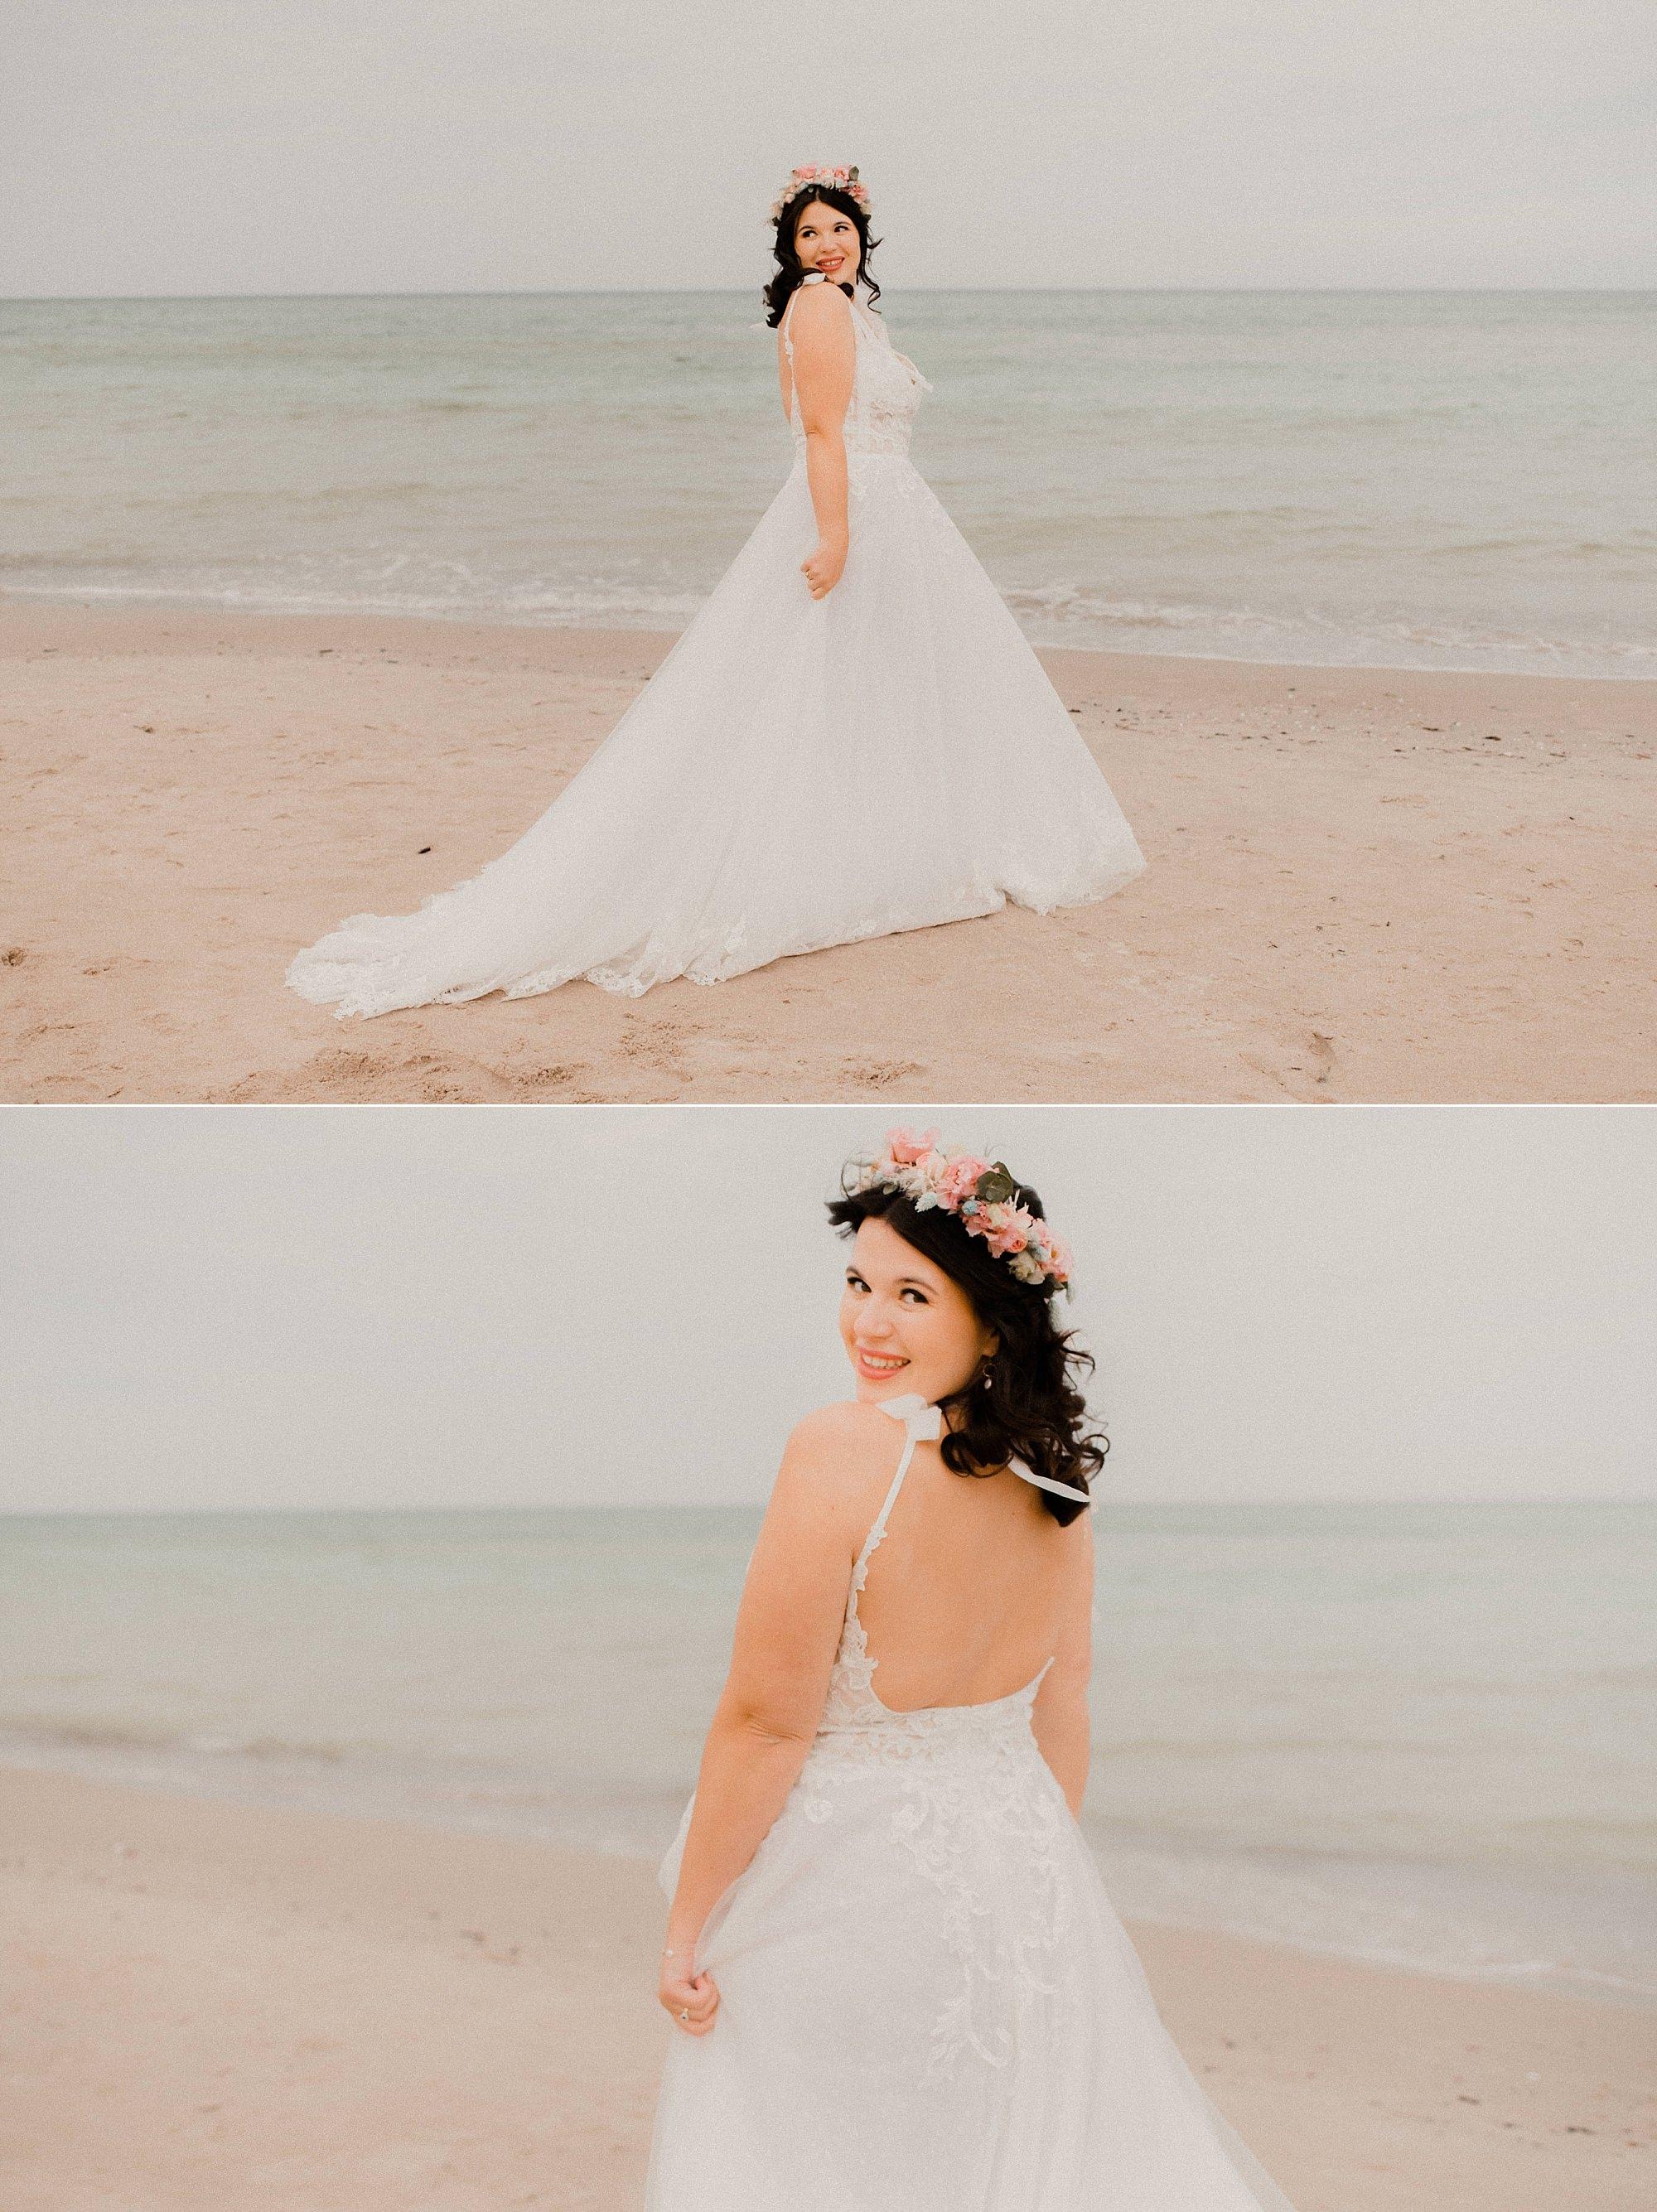 emotionale Hochzeitsfotos an der Ostsee - Hochzeitsfotograf Rügen - Sellin